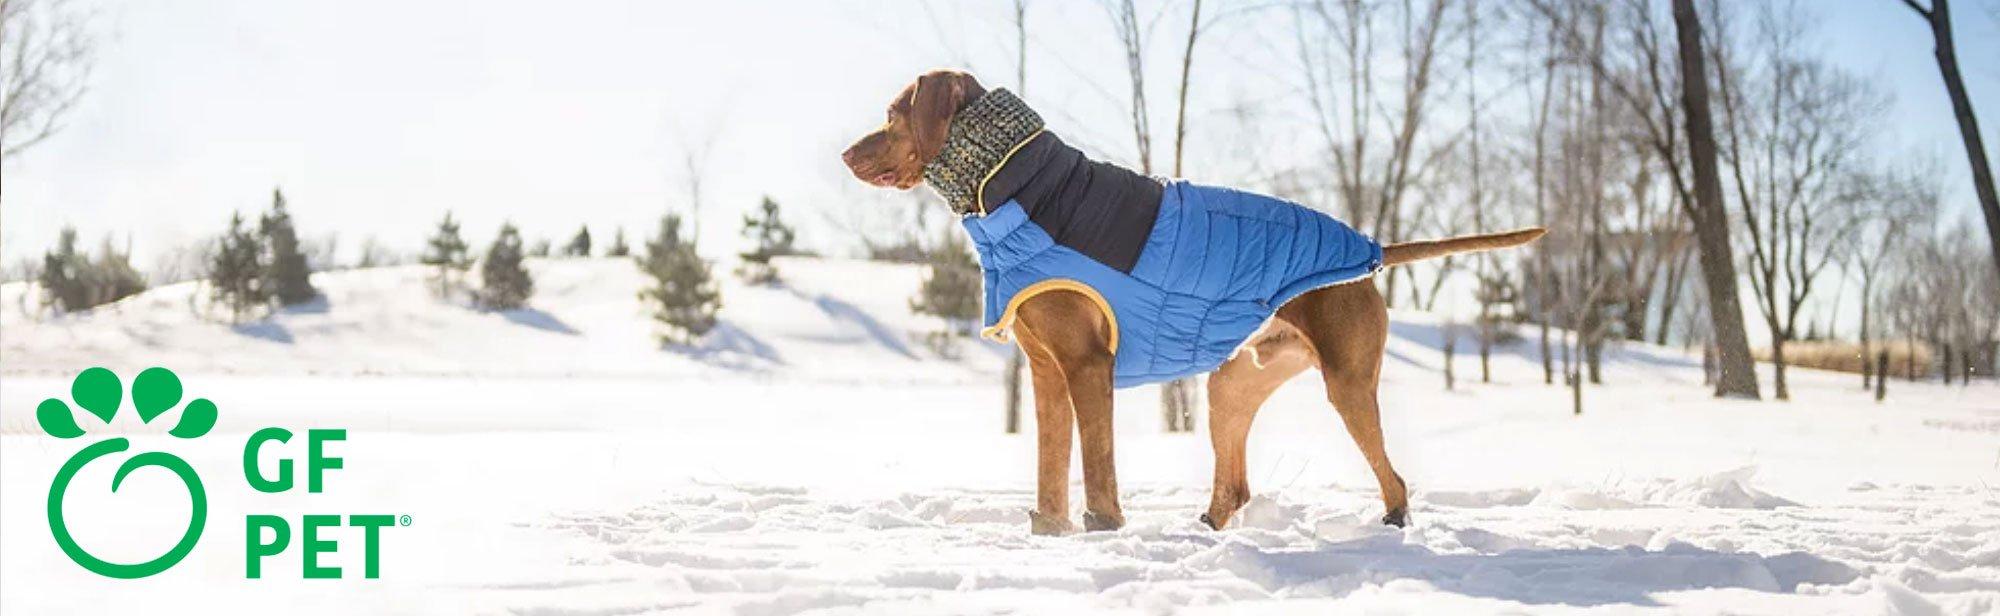 GF Pet Hundebekleidung, Bild 7